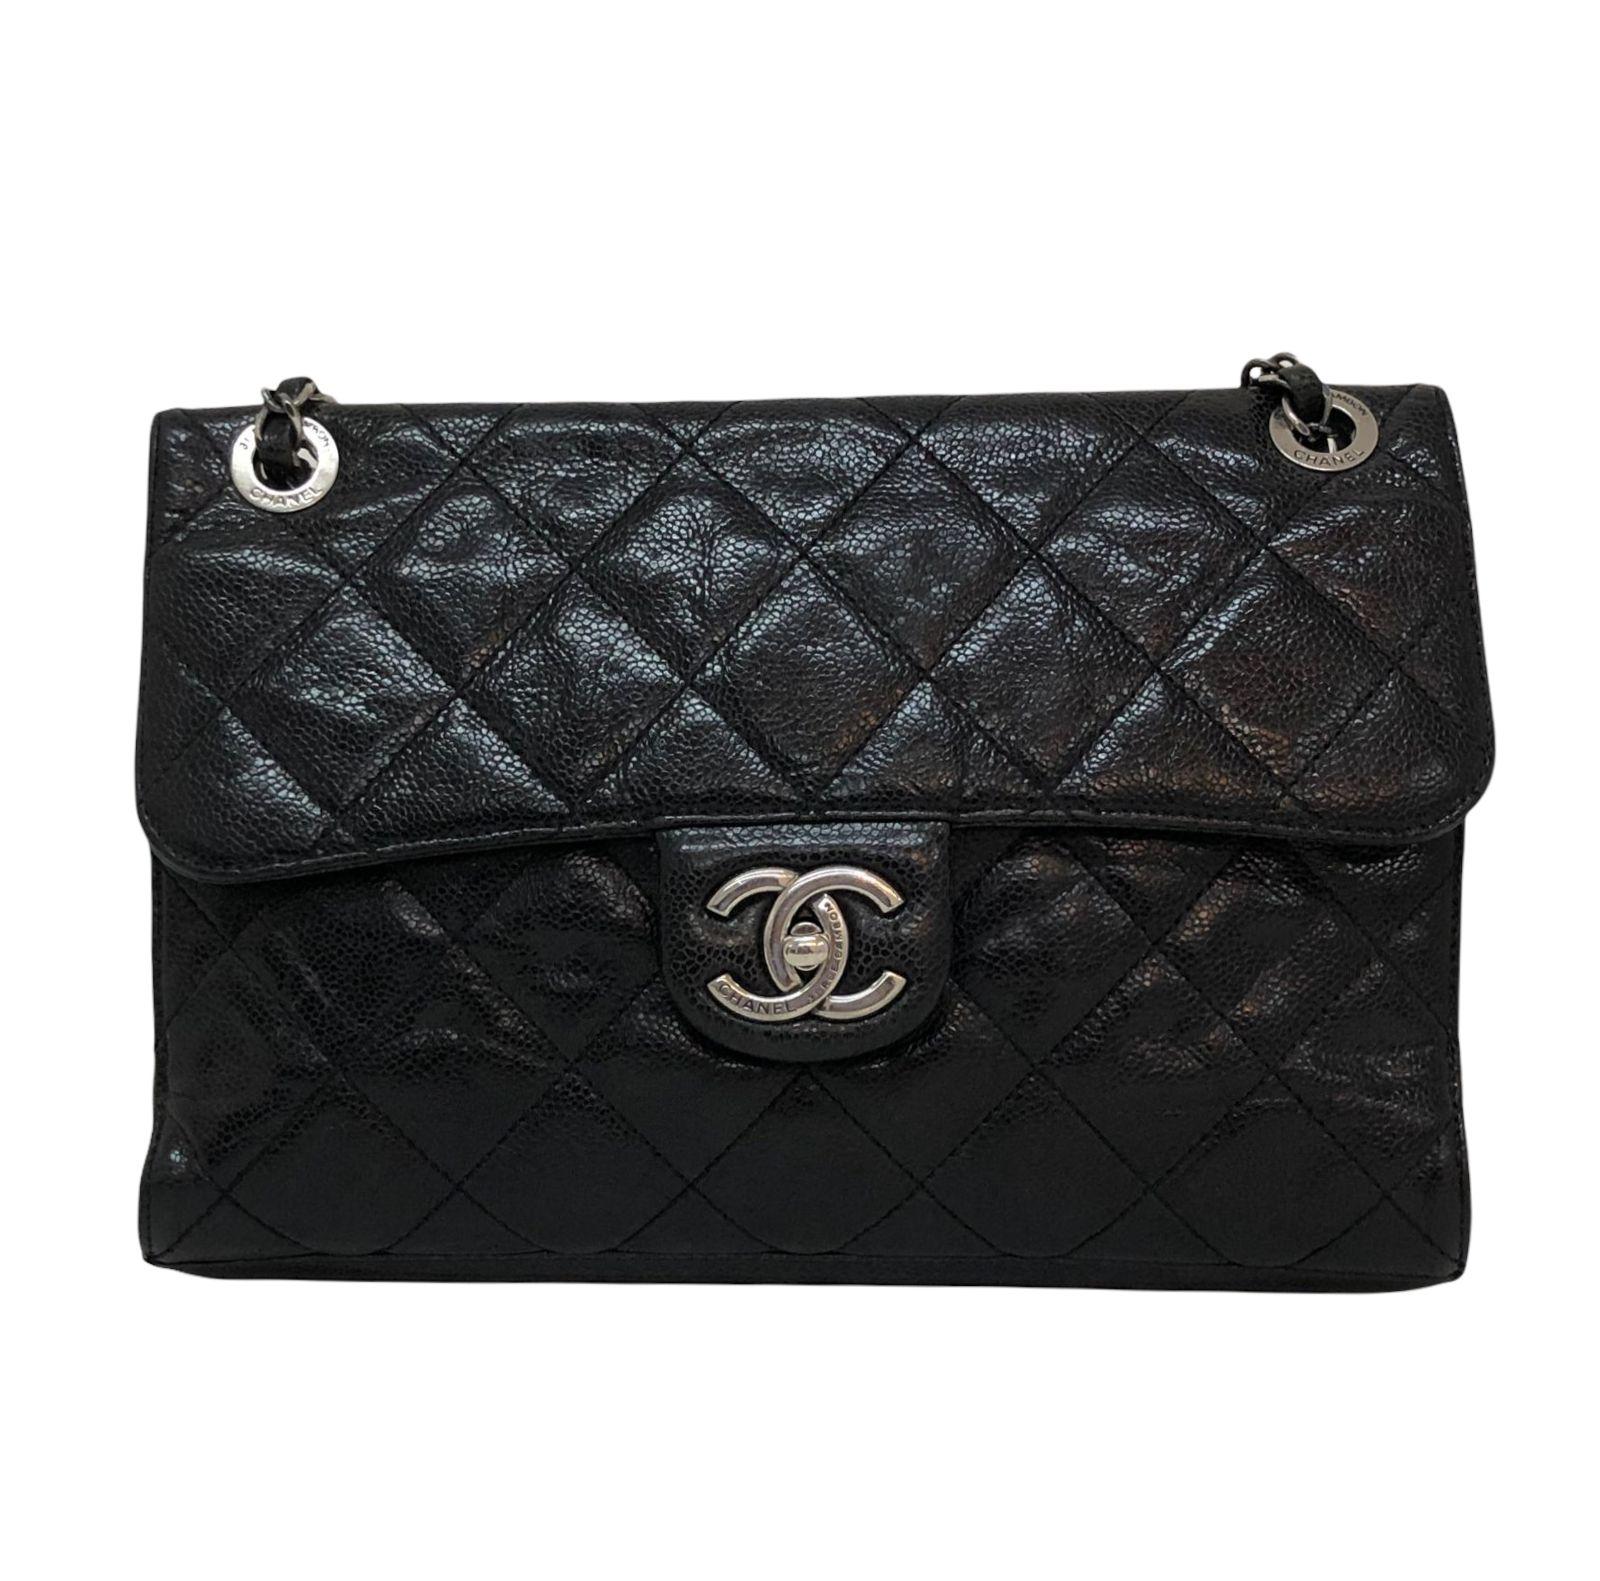 Bolsa Chanel CC Crave Flap Preta